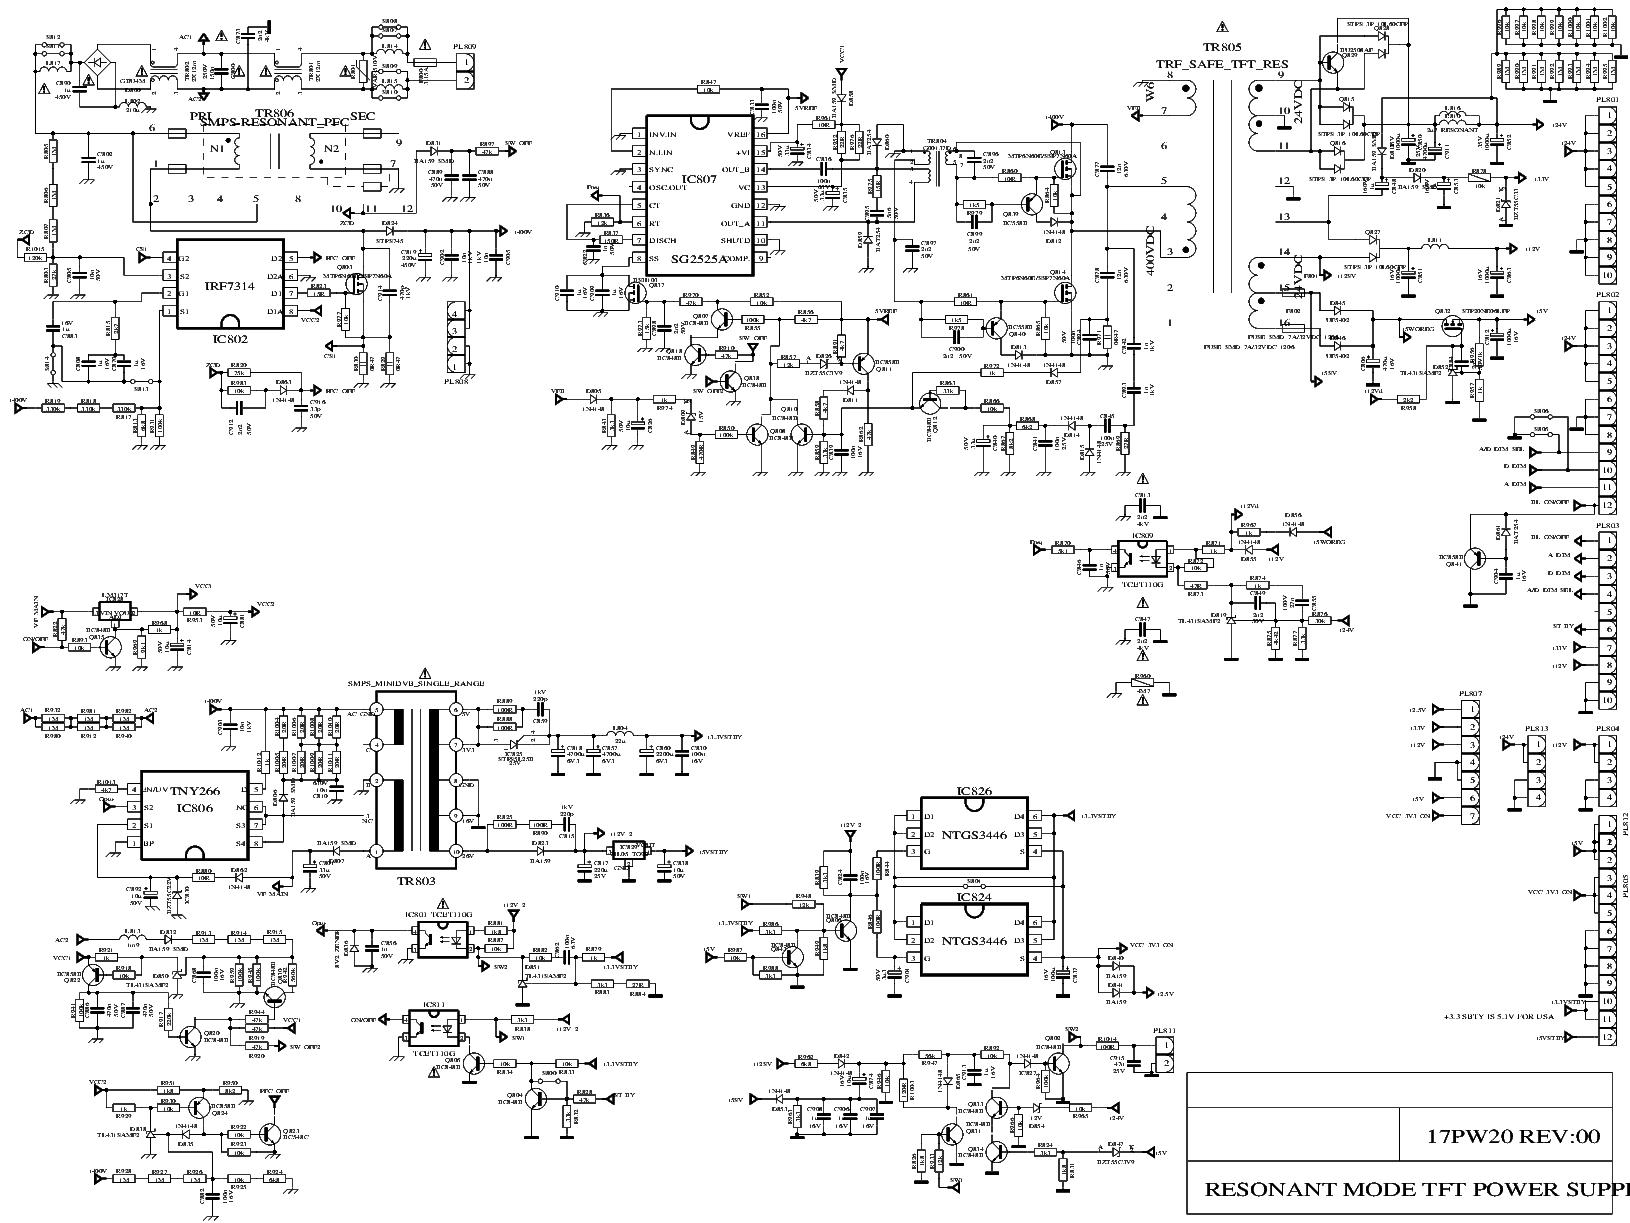 17pw25 4 circuit diagram wiring diagram g8  17pw25 4 circuit diagram wiring diagrams